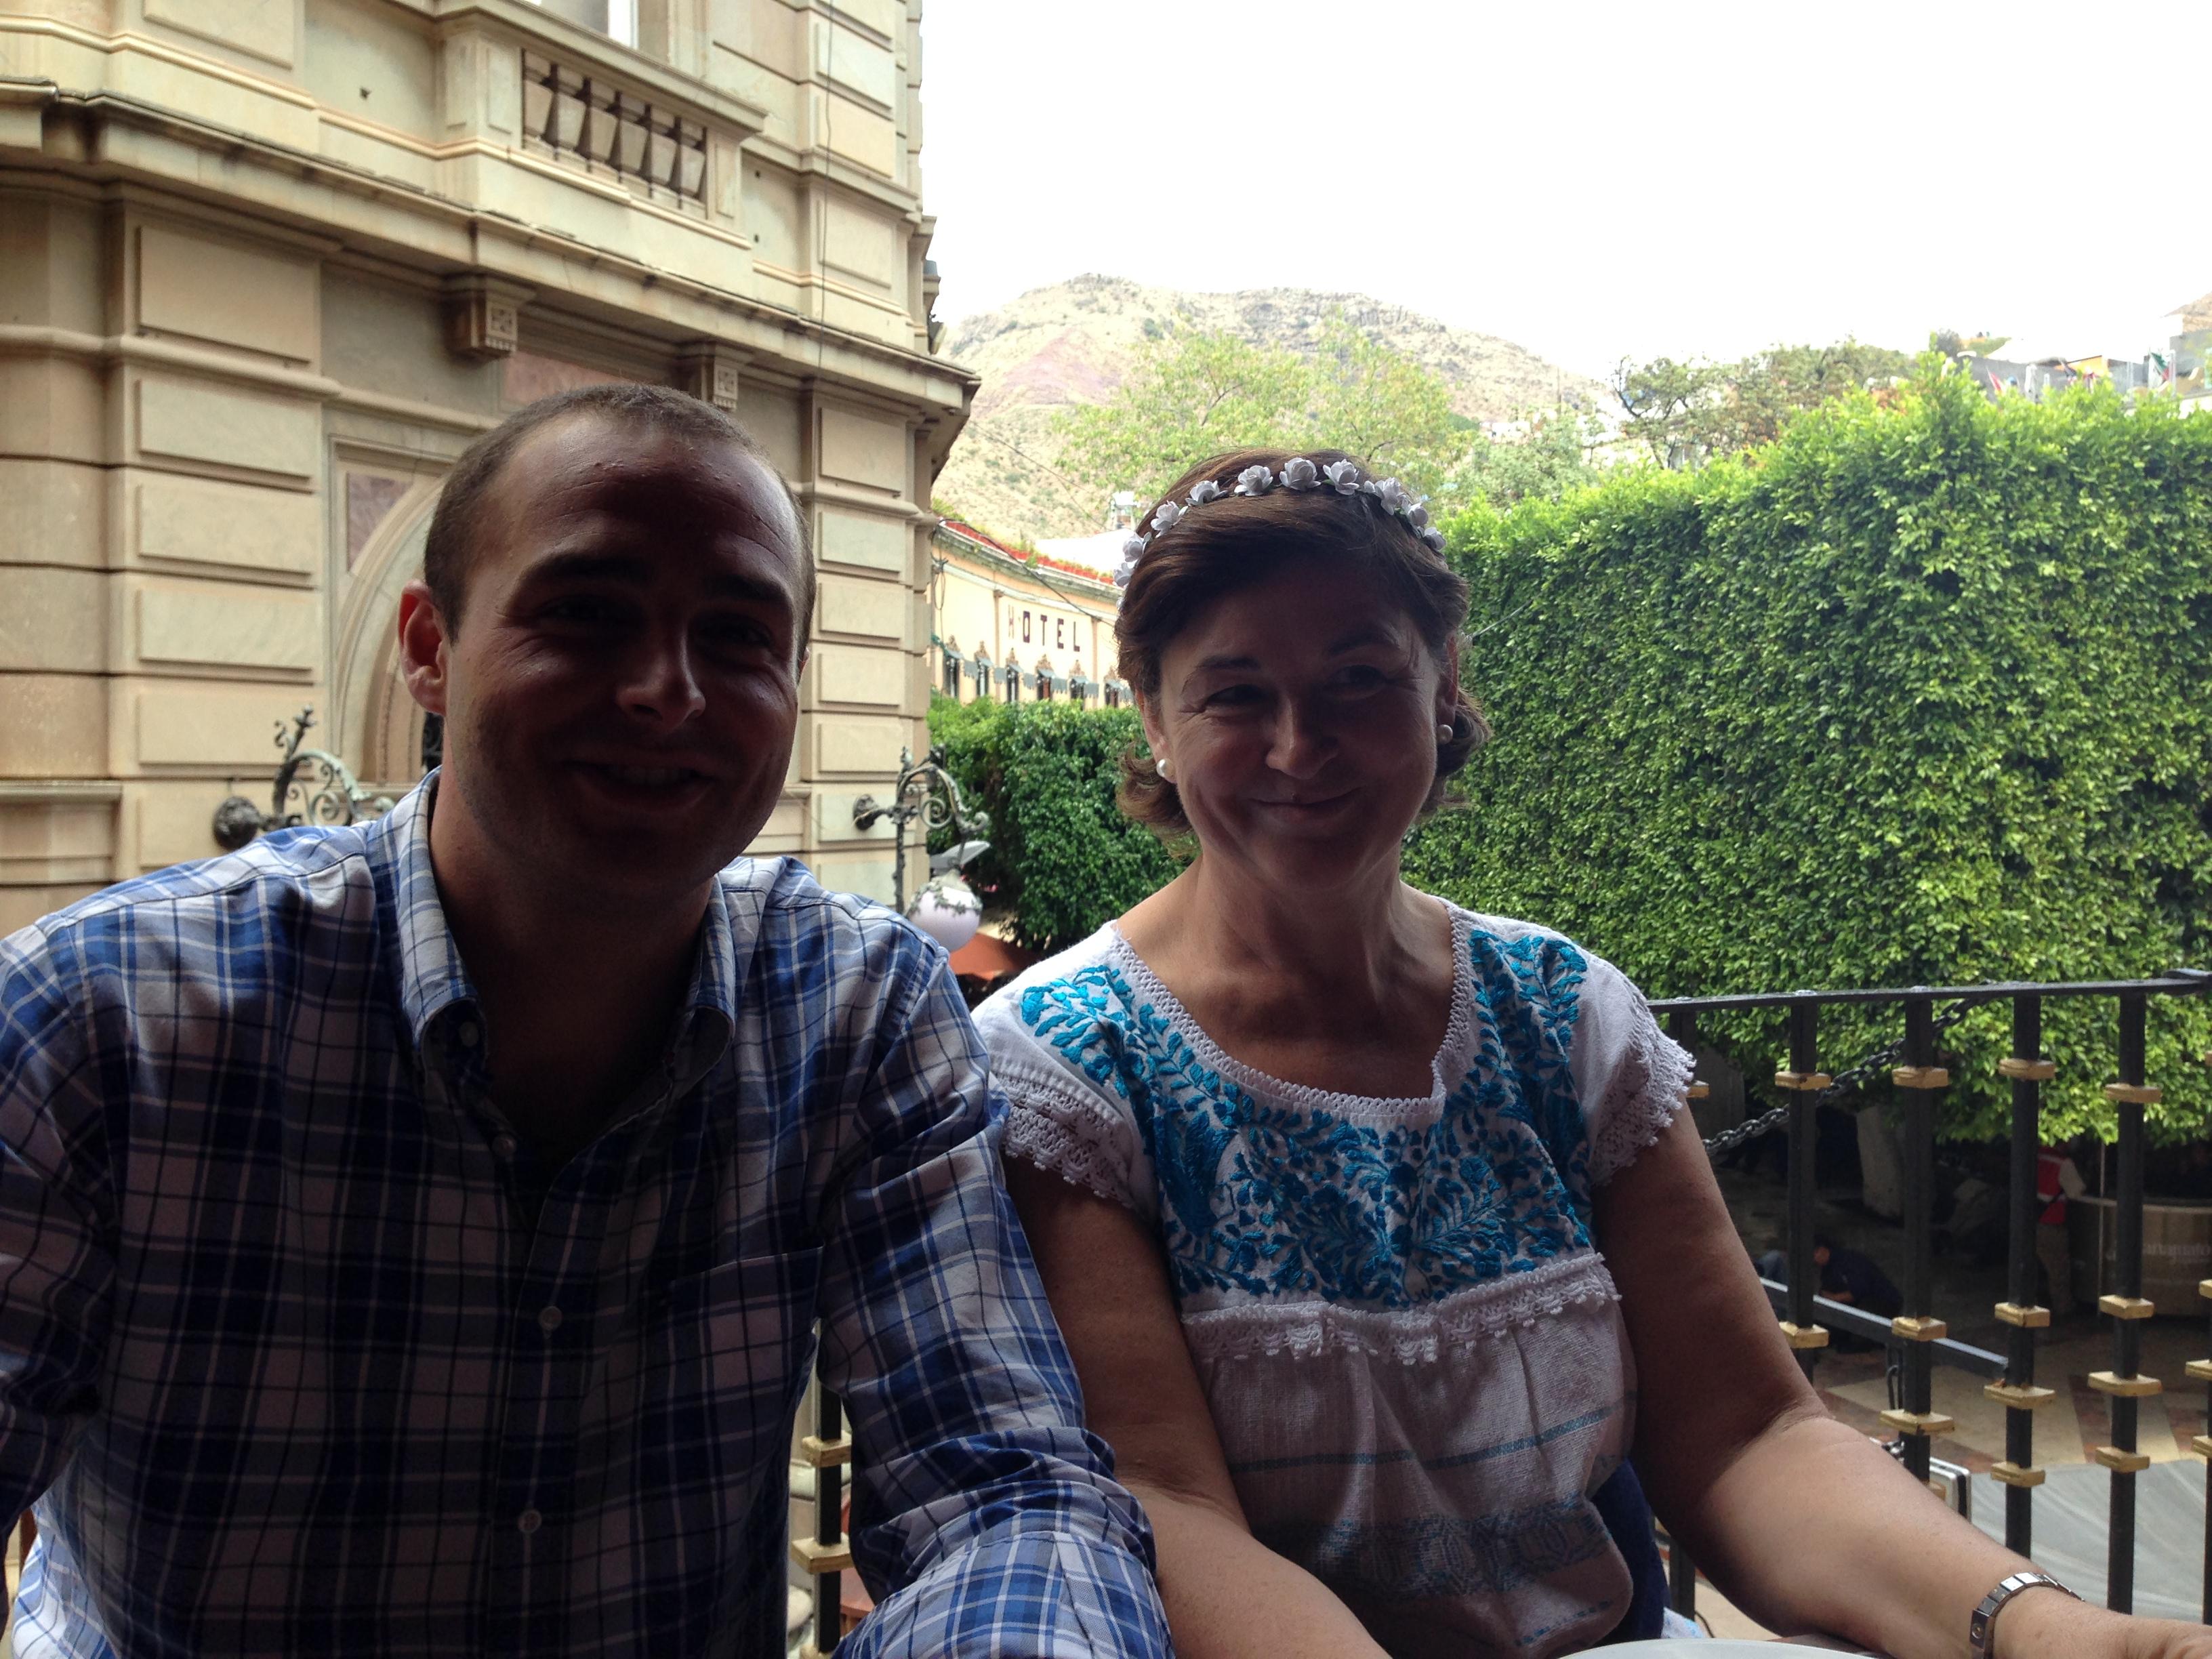 Con mi Madre y de fondo se puede ver la Plaza principal de Guanajuato